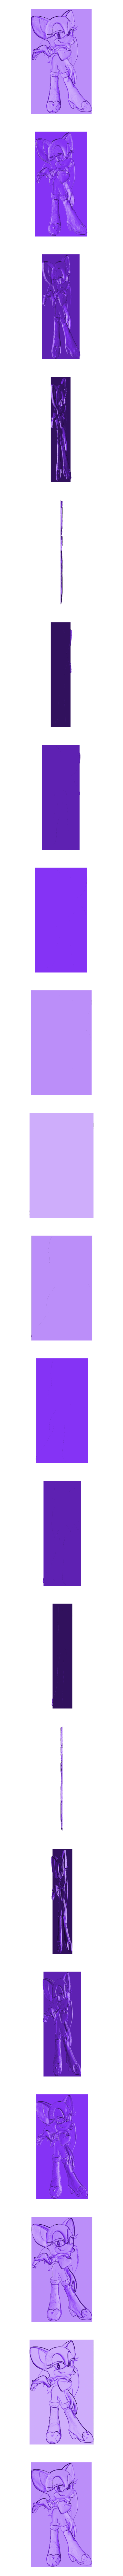 Rouge.stl Télécharger fichier STL gratuit Dessin / Dessin 3D Rouge (sonique) • Plan pour imprimante 3D, 3dlito